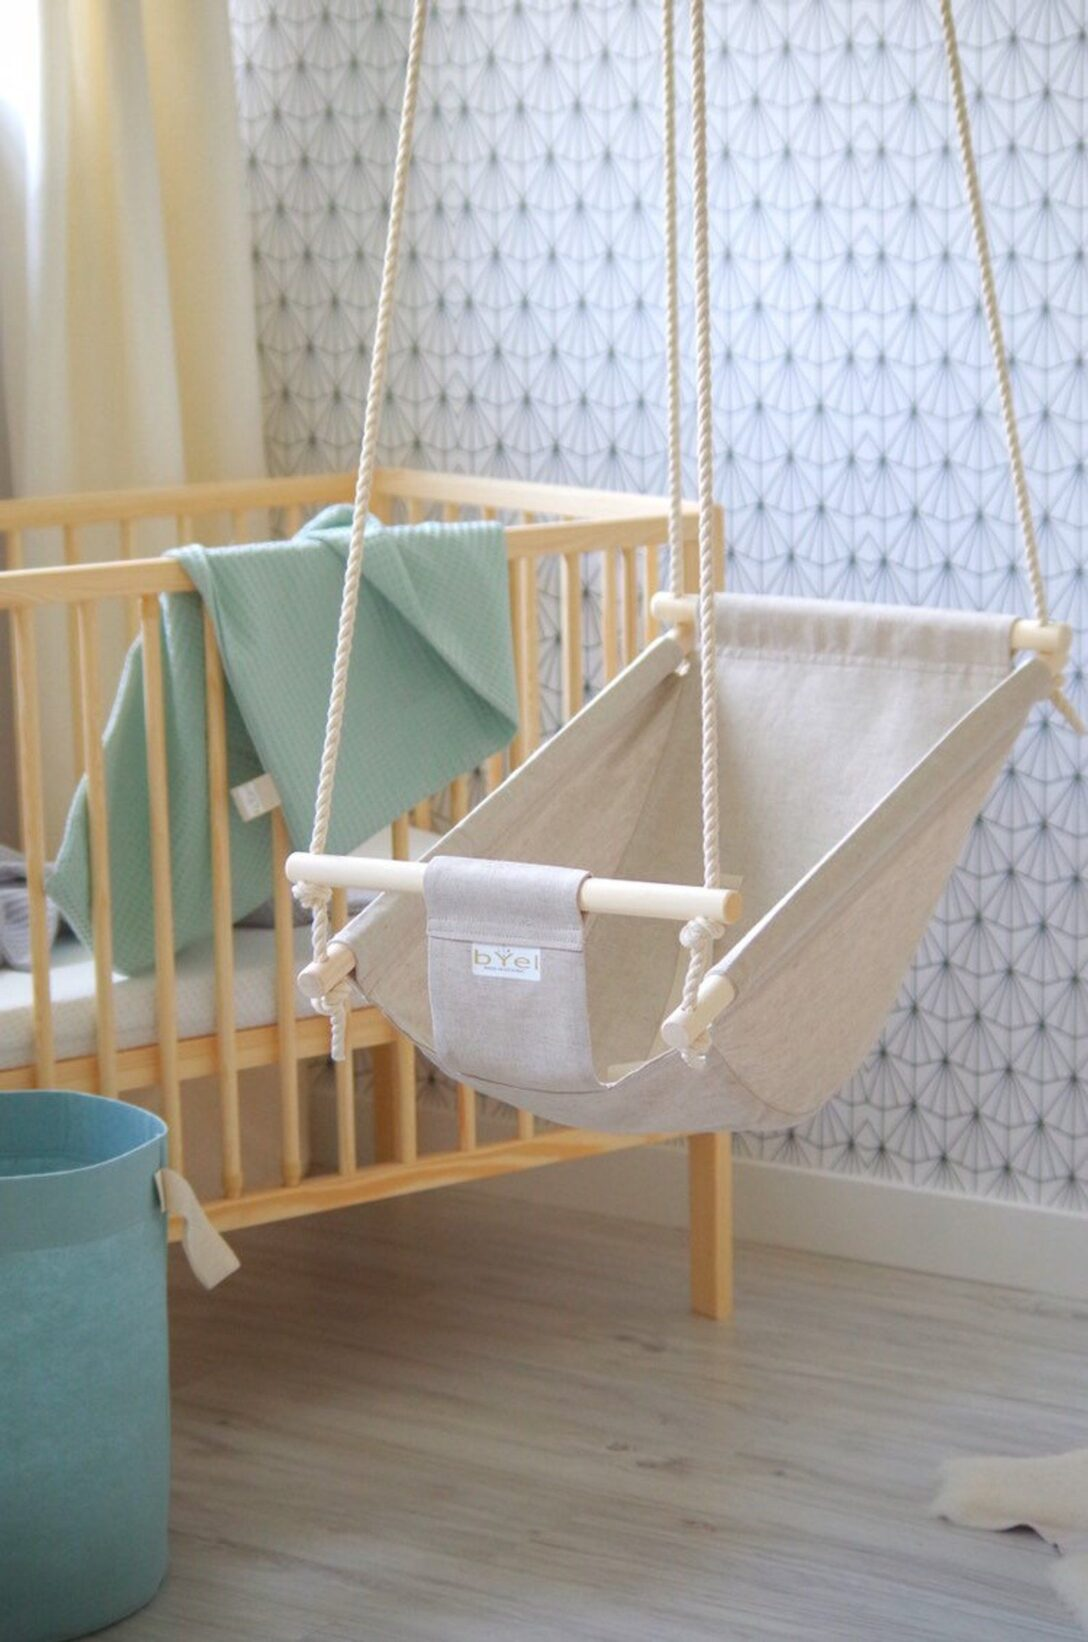 Large Size of Low Shipping Byel Calm Toddler Baby Gift Schaukel Für Garten Regale Kinderzimmer Regal Schaukelstuhl Sofa Weiß Kinderschaukel Kinderzimmer Schaukel Kinderzimmer